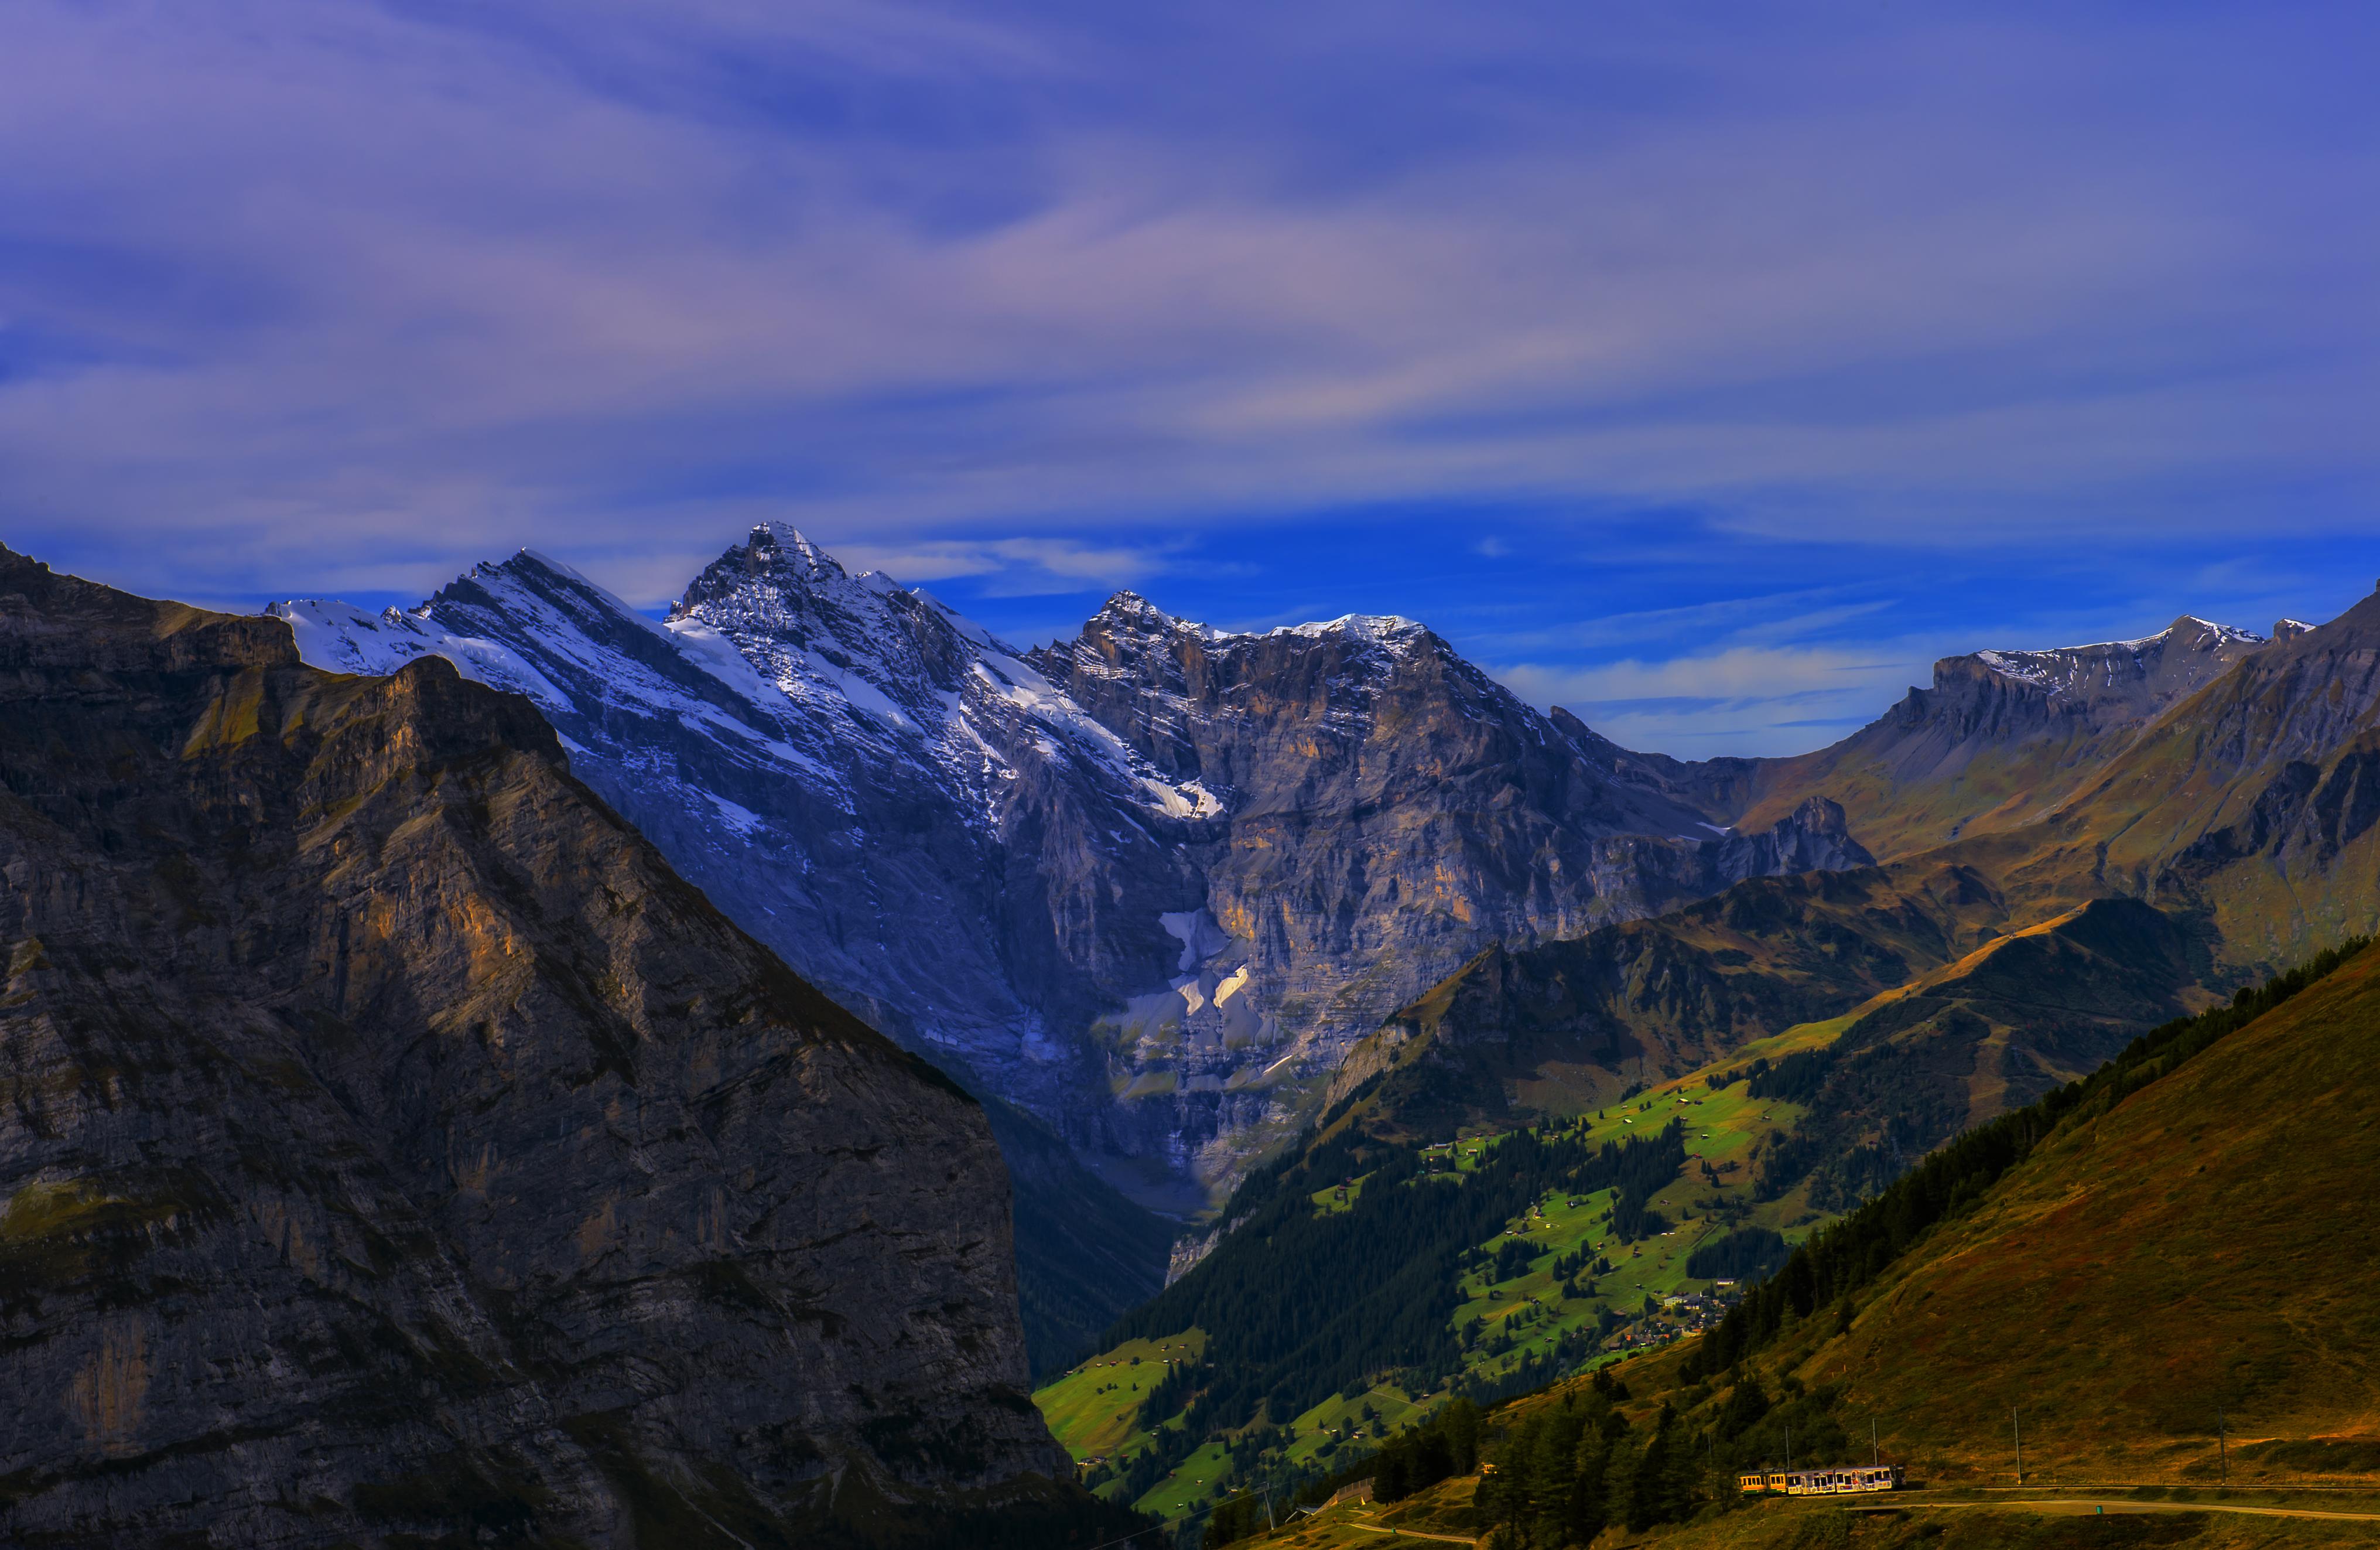 Autumn Mountains 4k Ultra Fond d'écran HD | Arrière-Plan | 4064x2646 | ID:589127 - Wallpaper Abyss